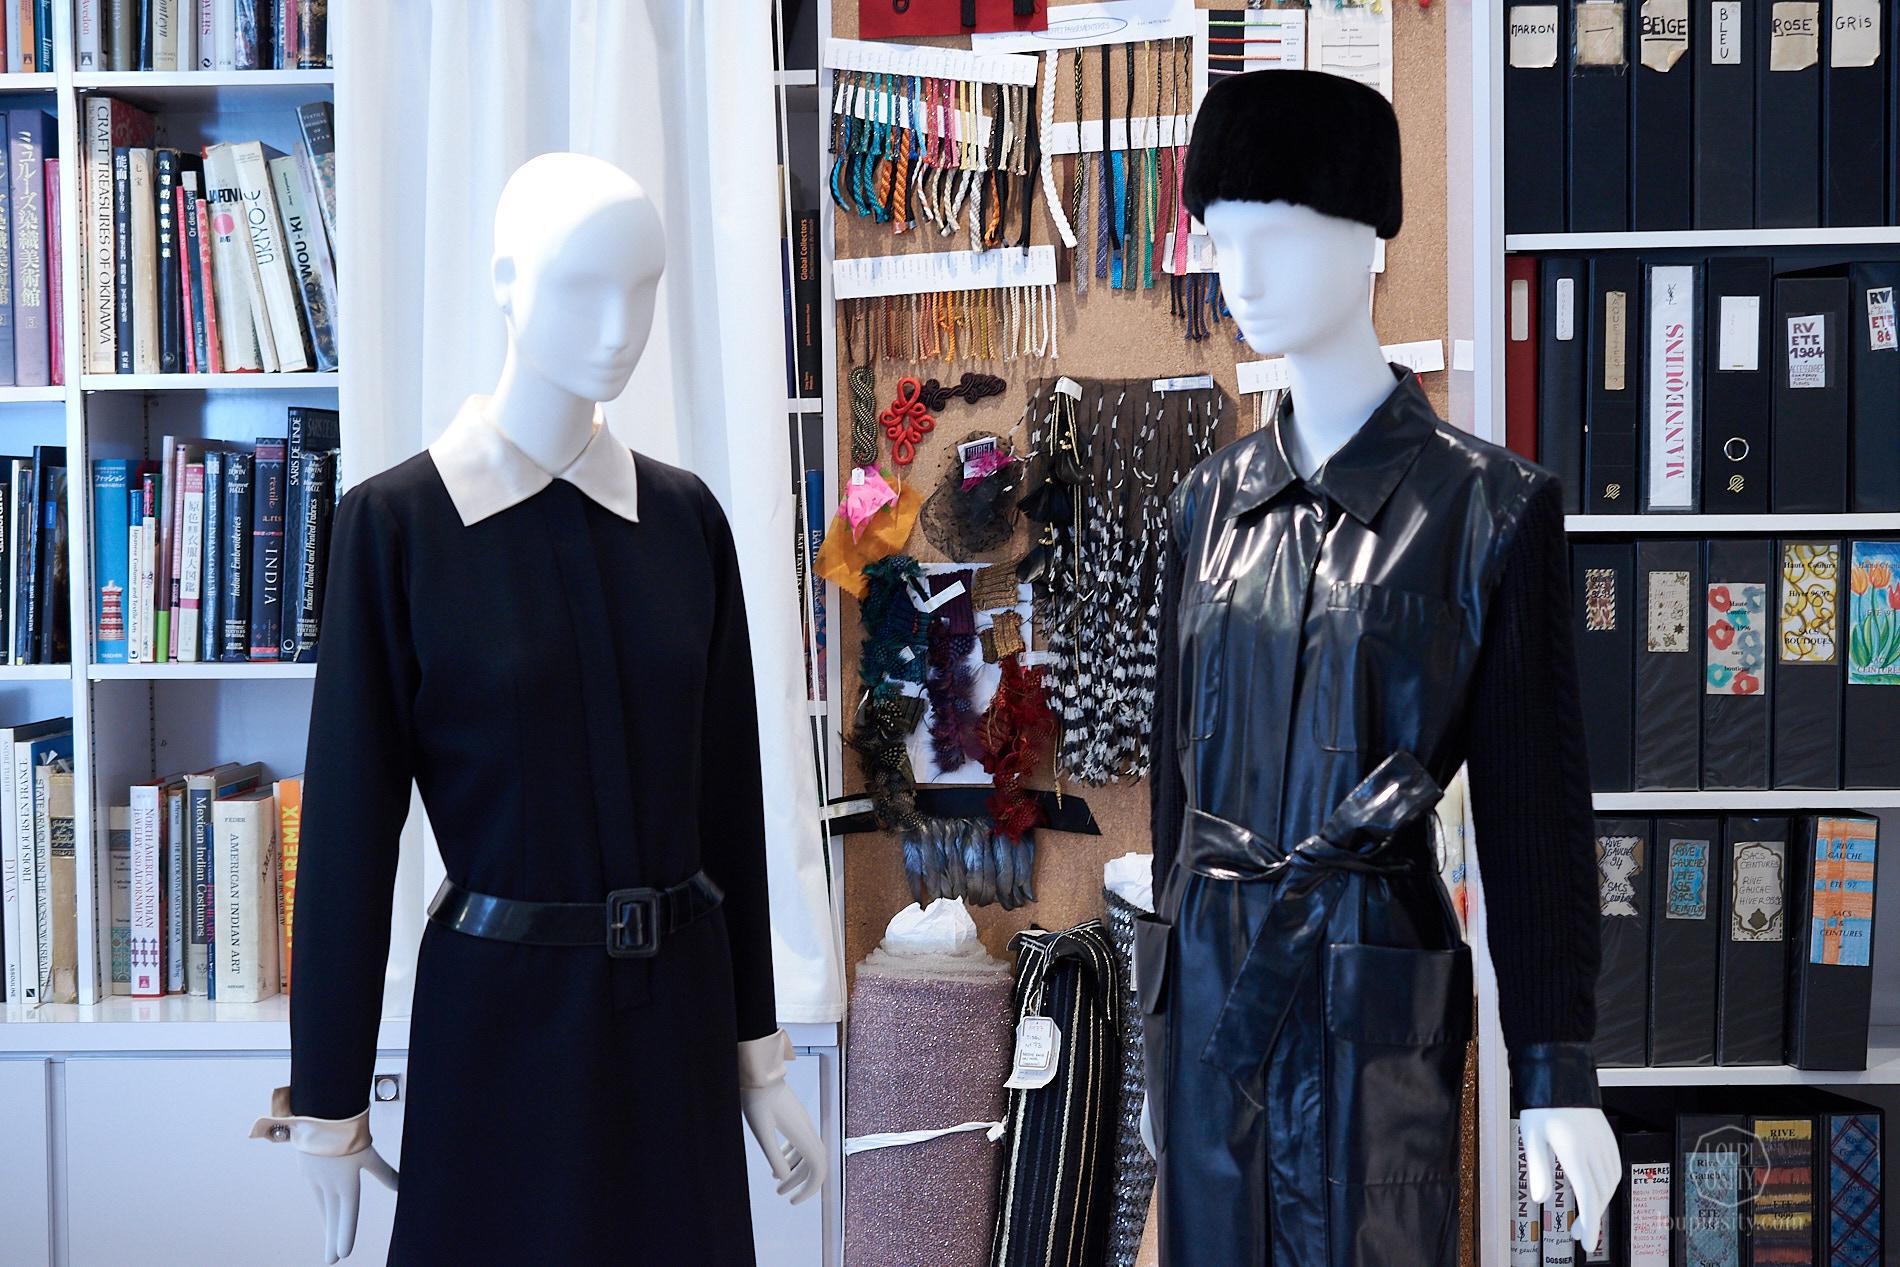 YSL costumes, Belle de Jour